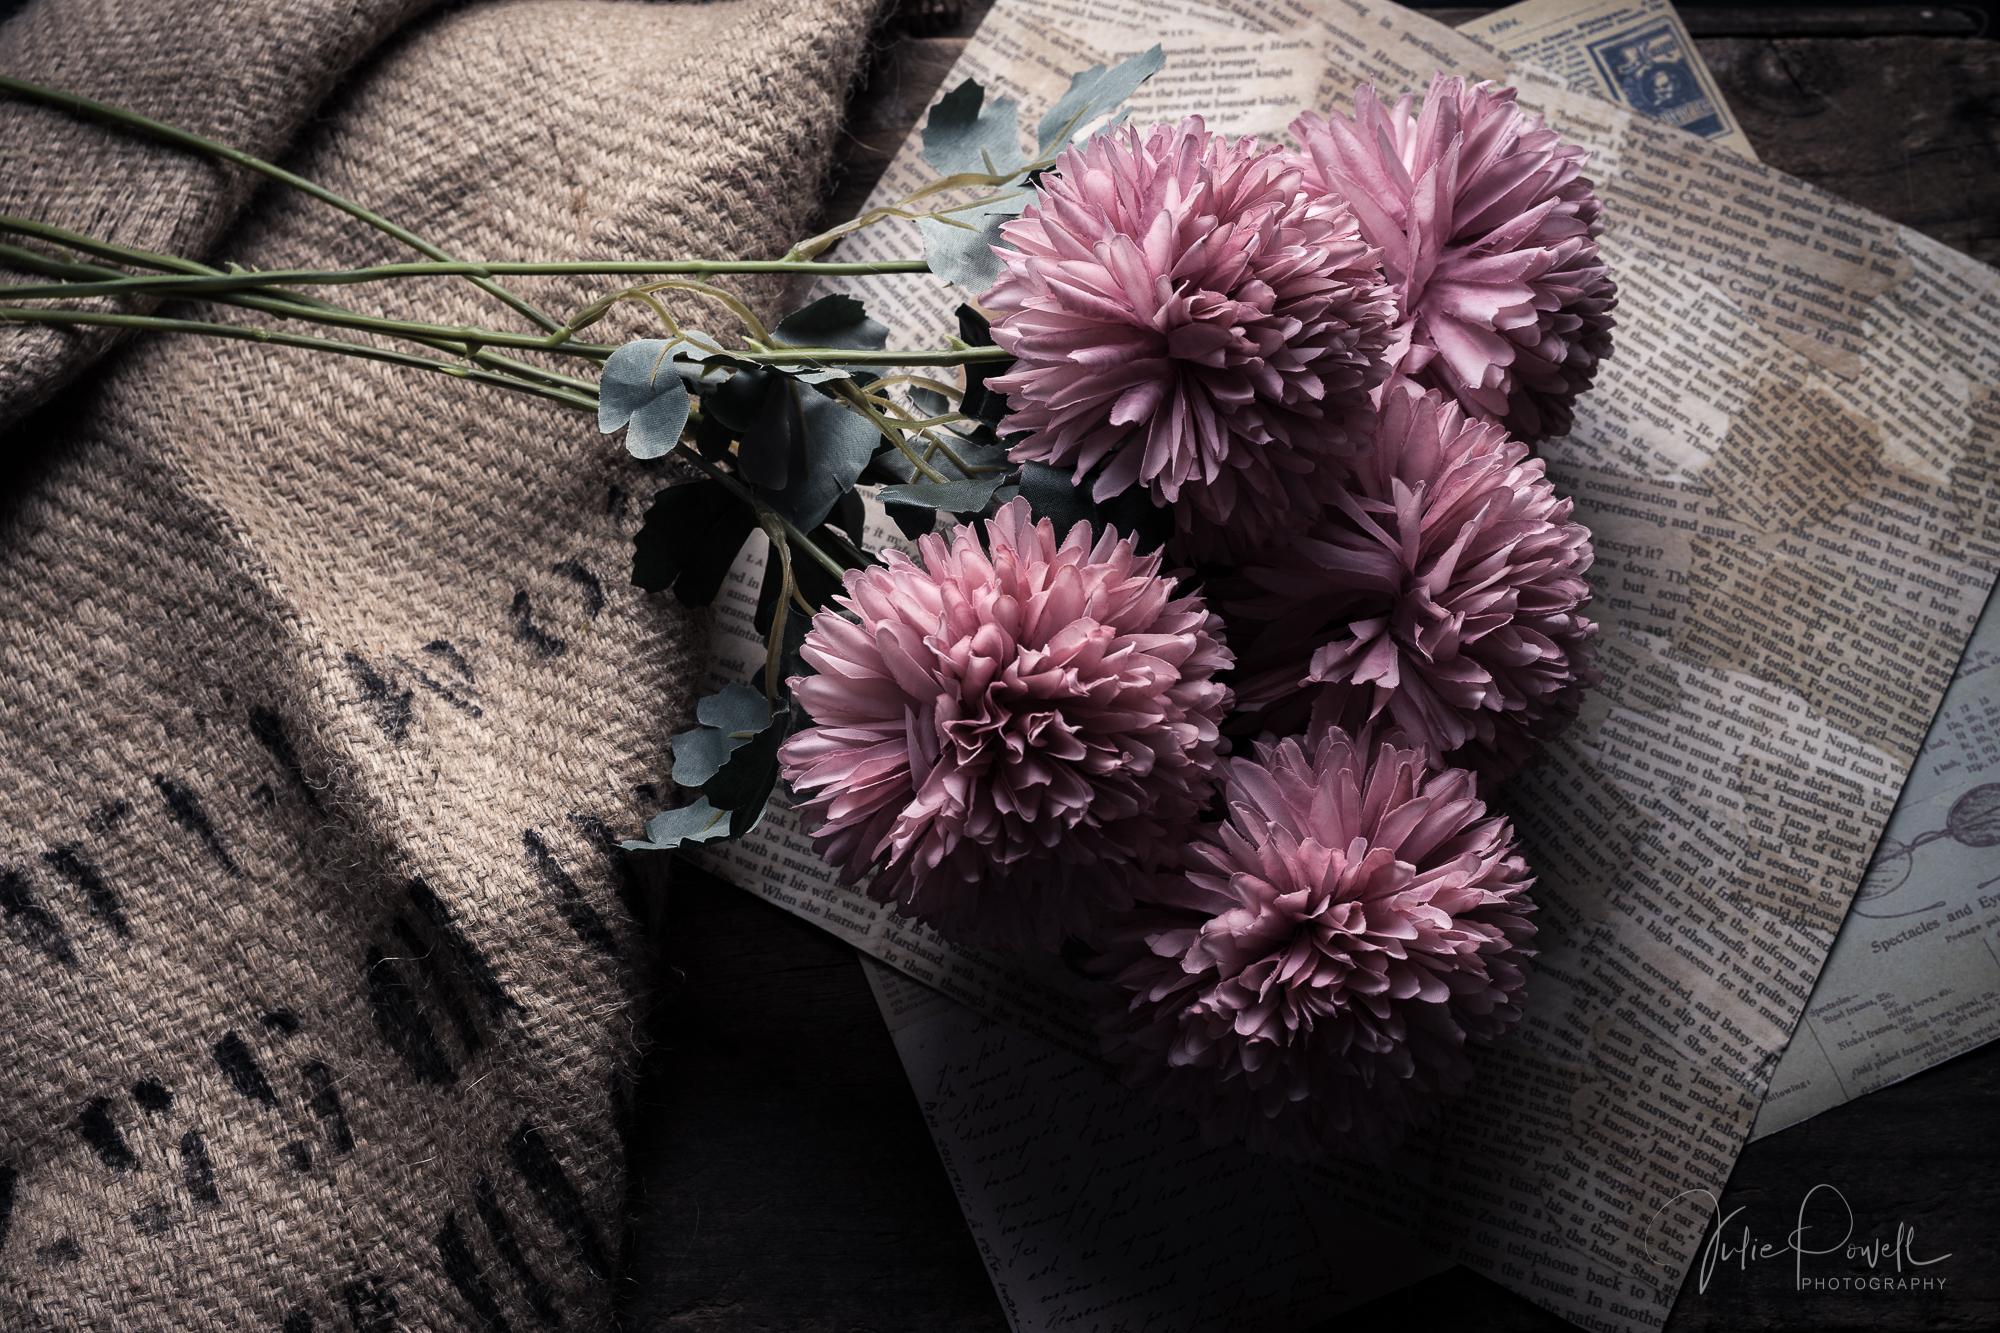 JuliePowell_Floral Vintage-7.jpg